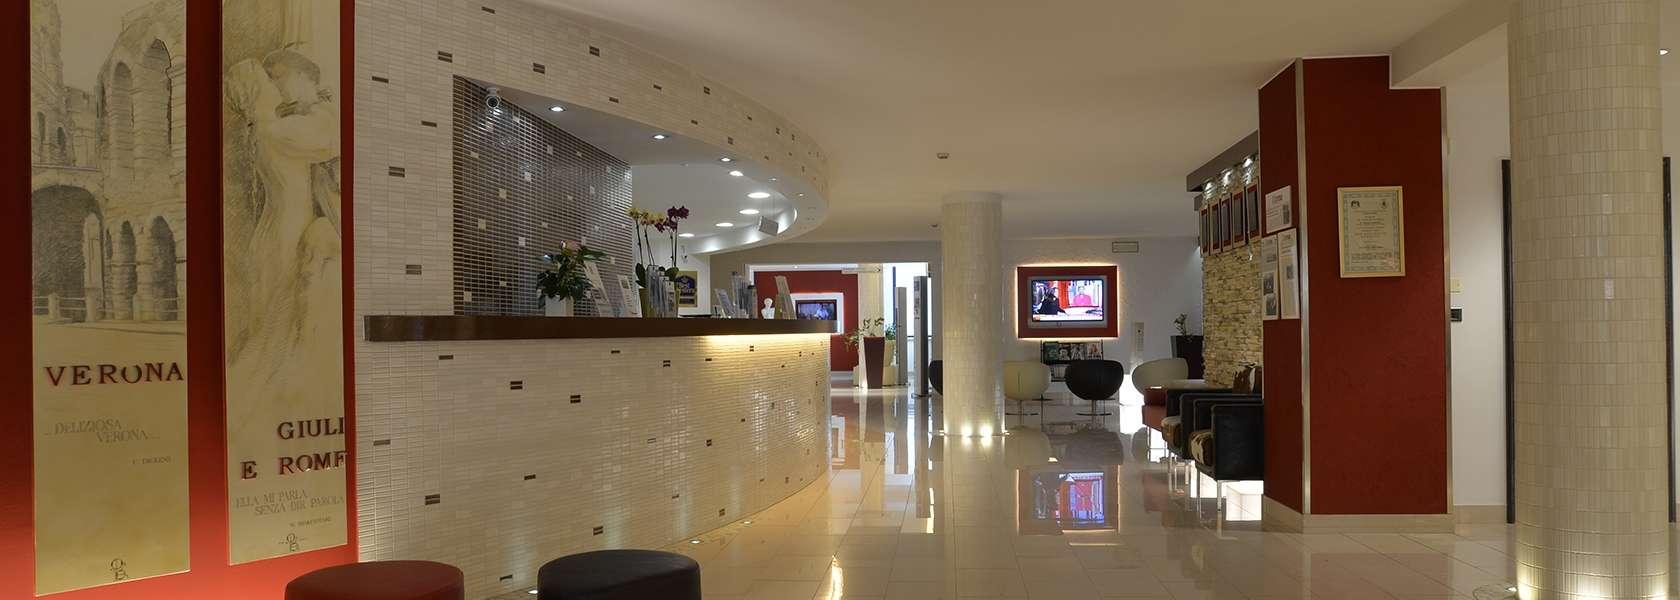 Come contattare Soave Hotel a San Bonifacio